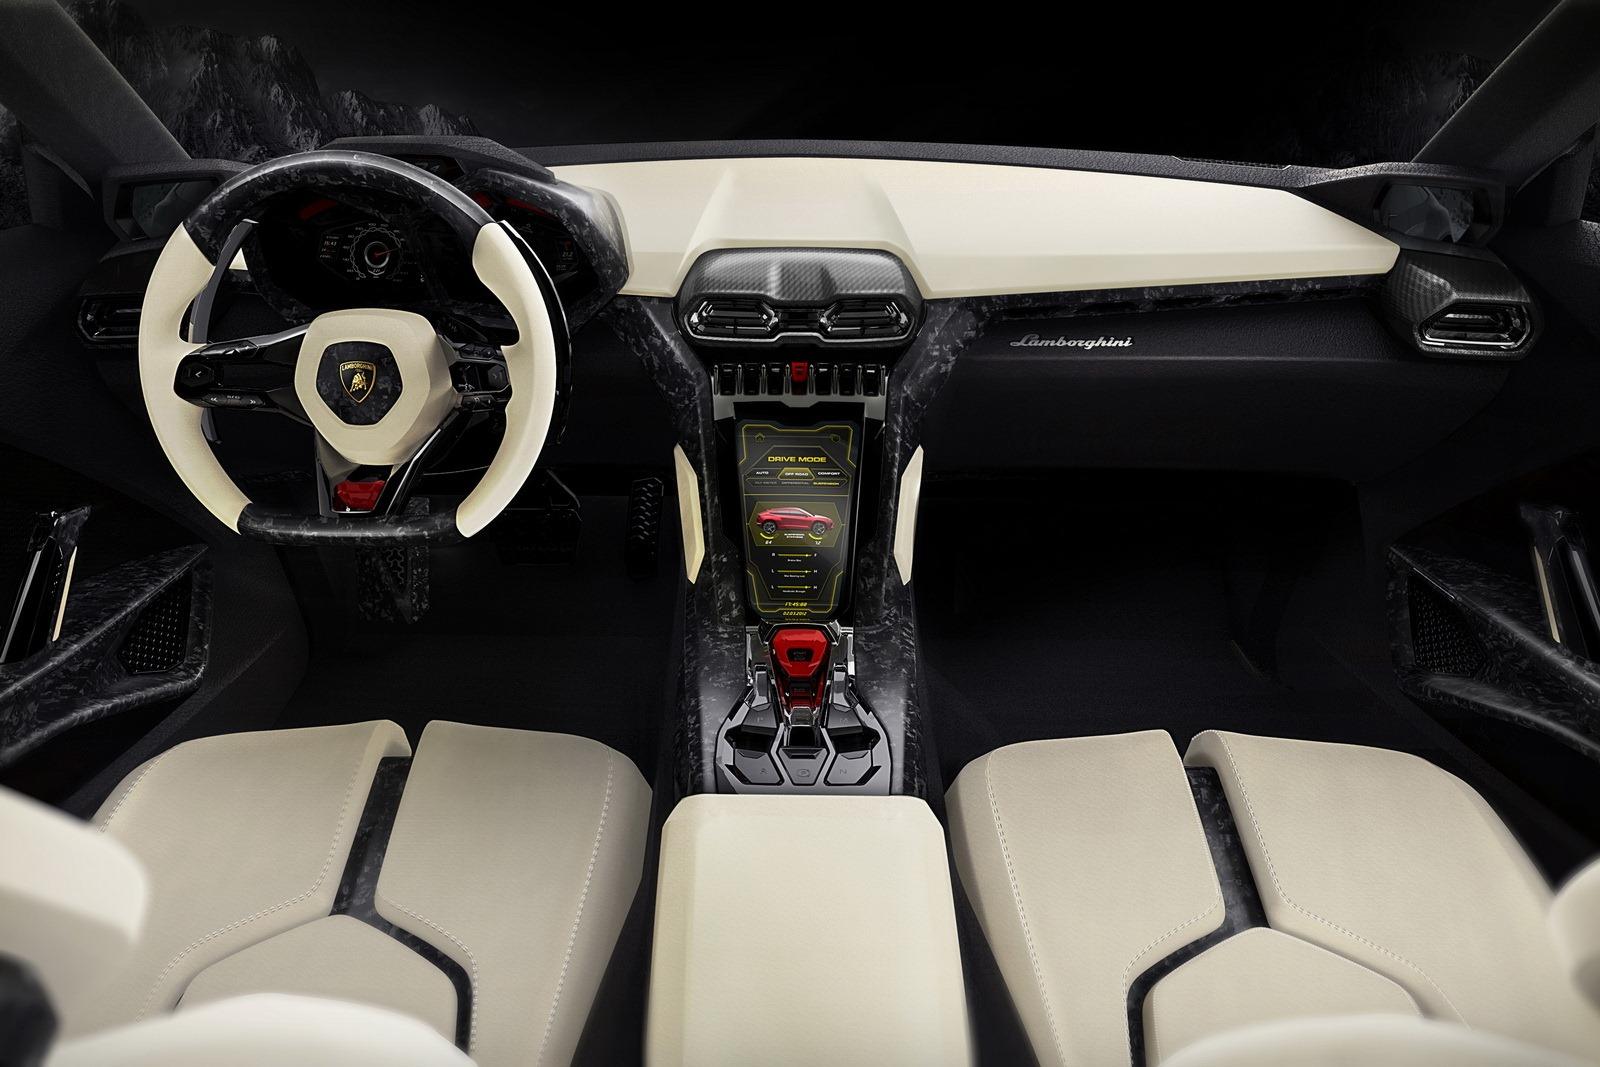 Lamborghini-Urus-13%255B3%255D.jpg